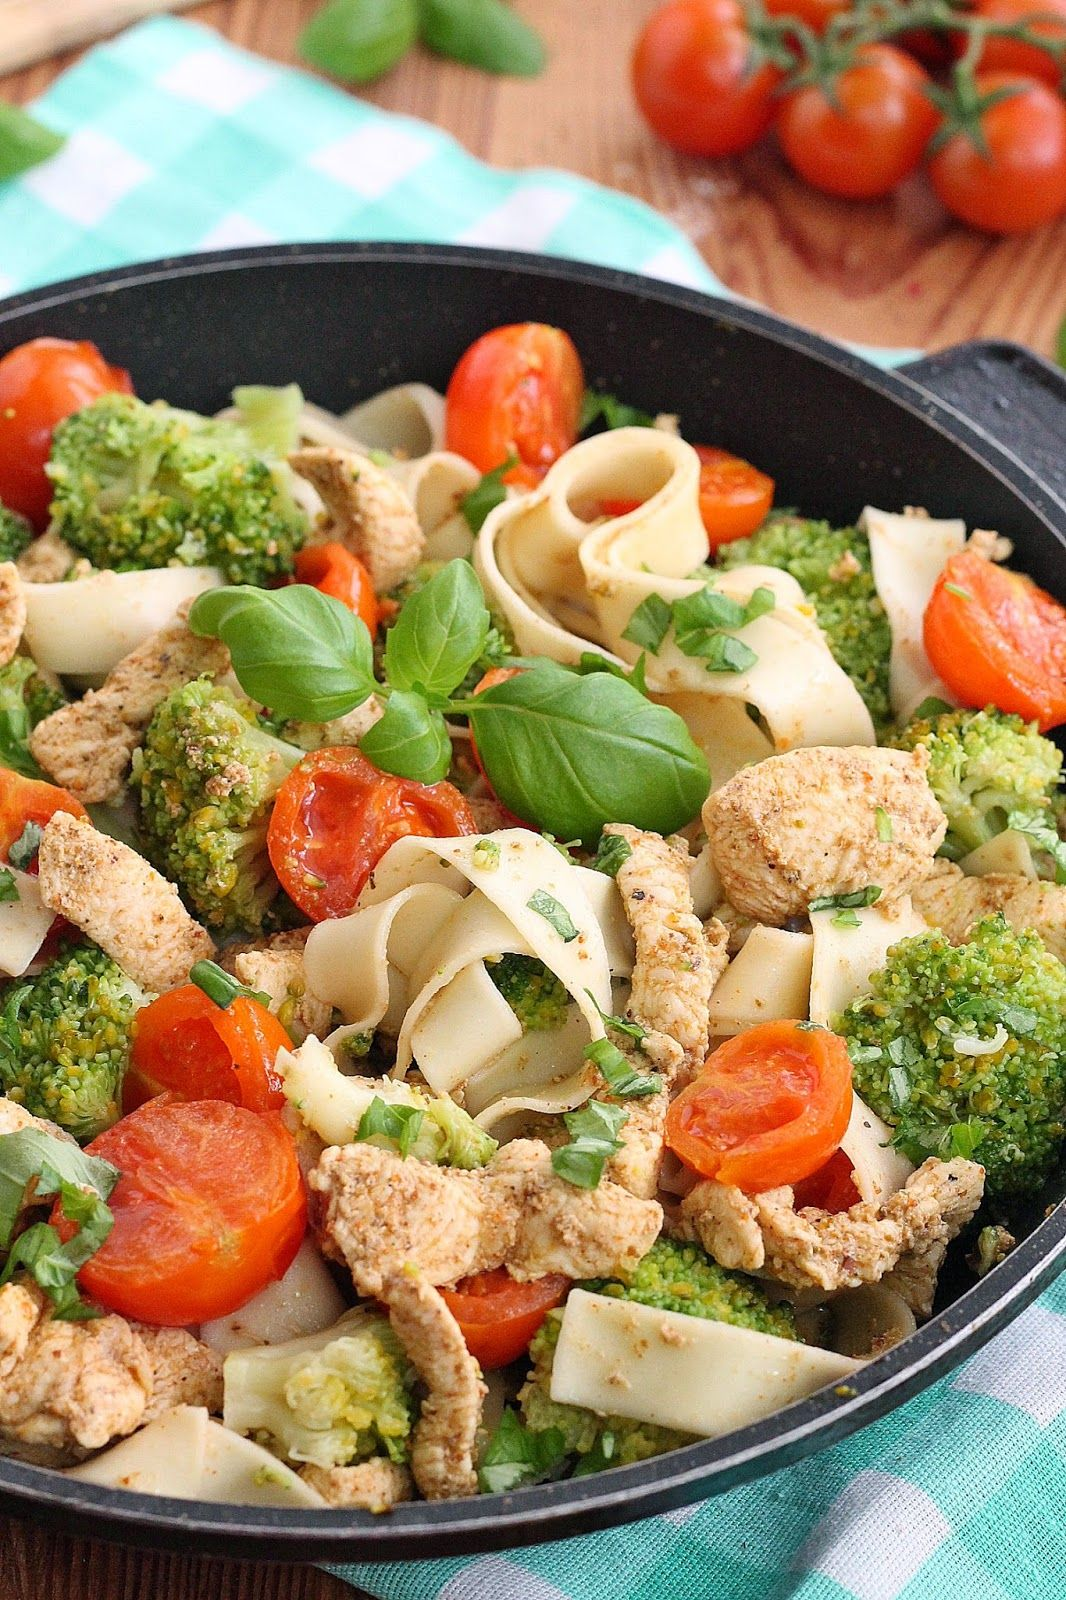 Szybki Lekki I Zdrowy Obiad Zima Kupic Brokul Za 1 60 To Graniczy